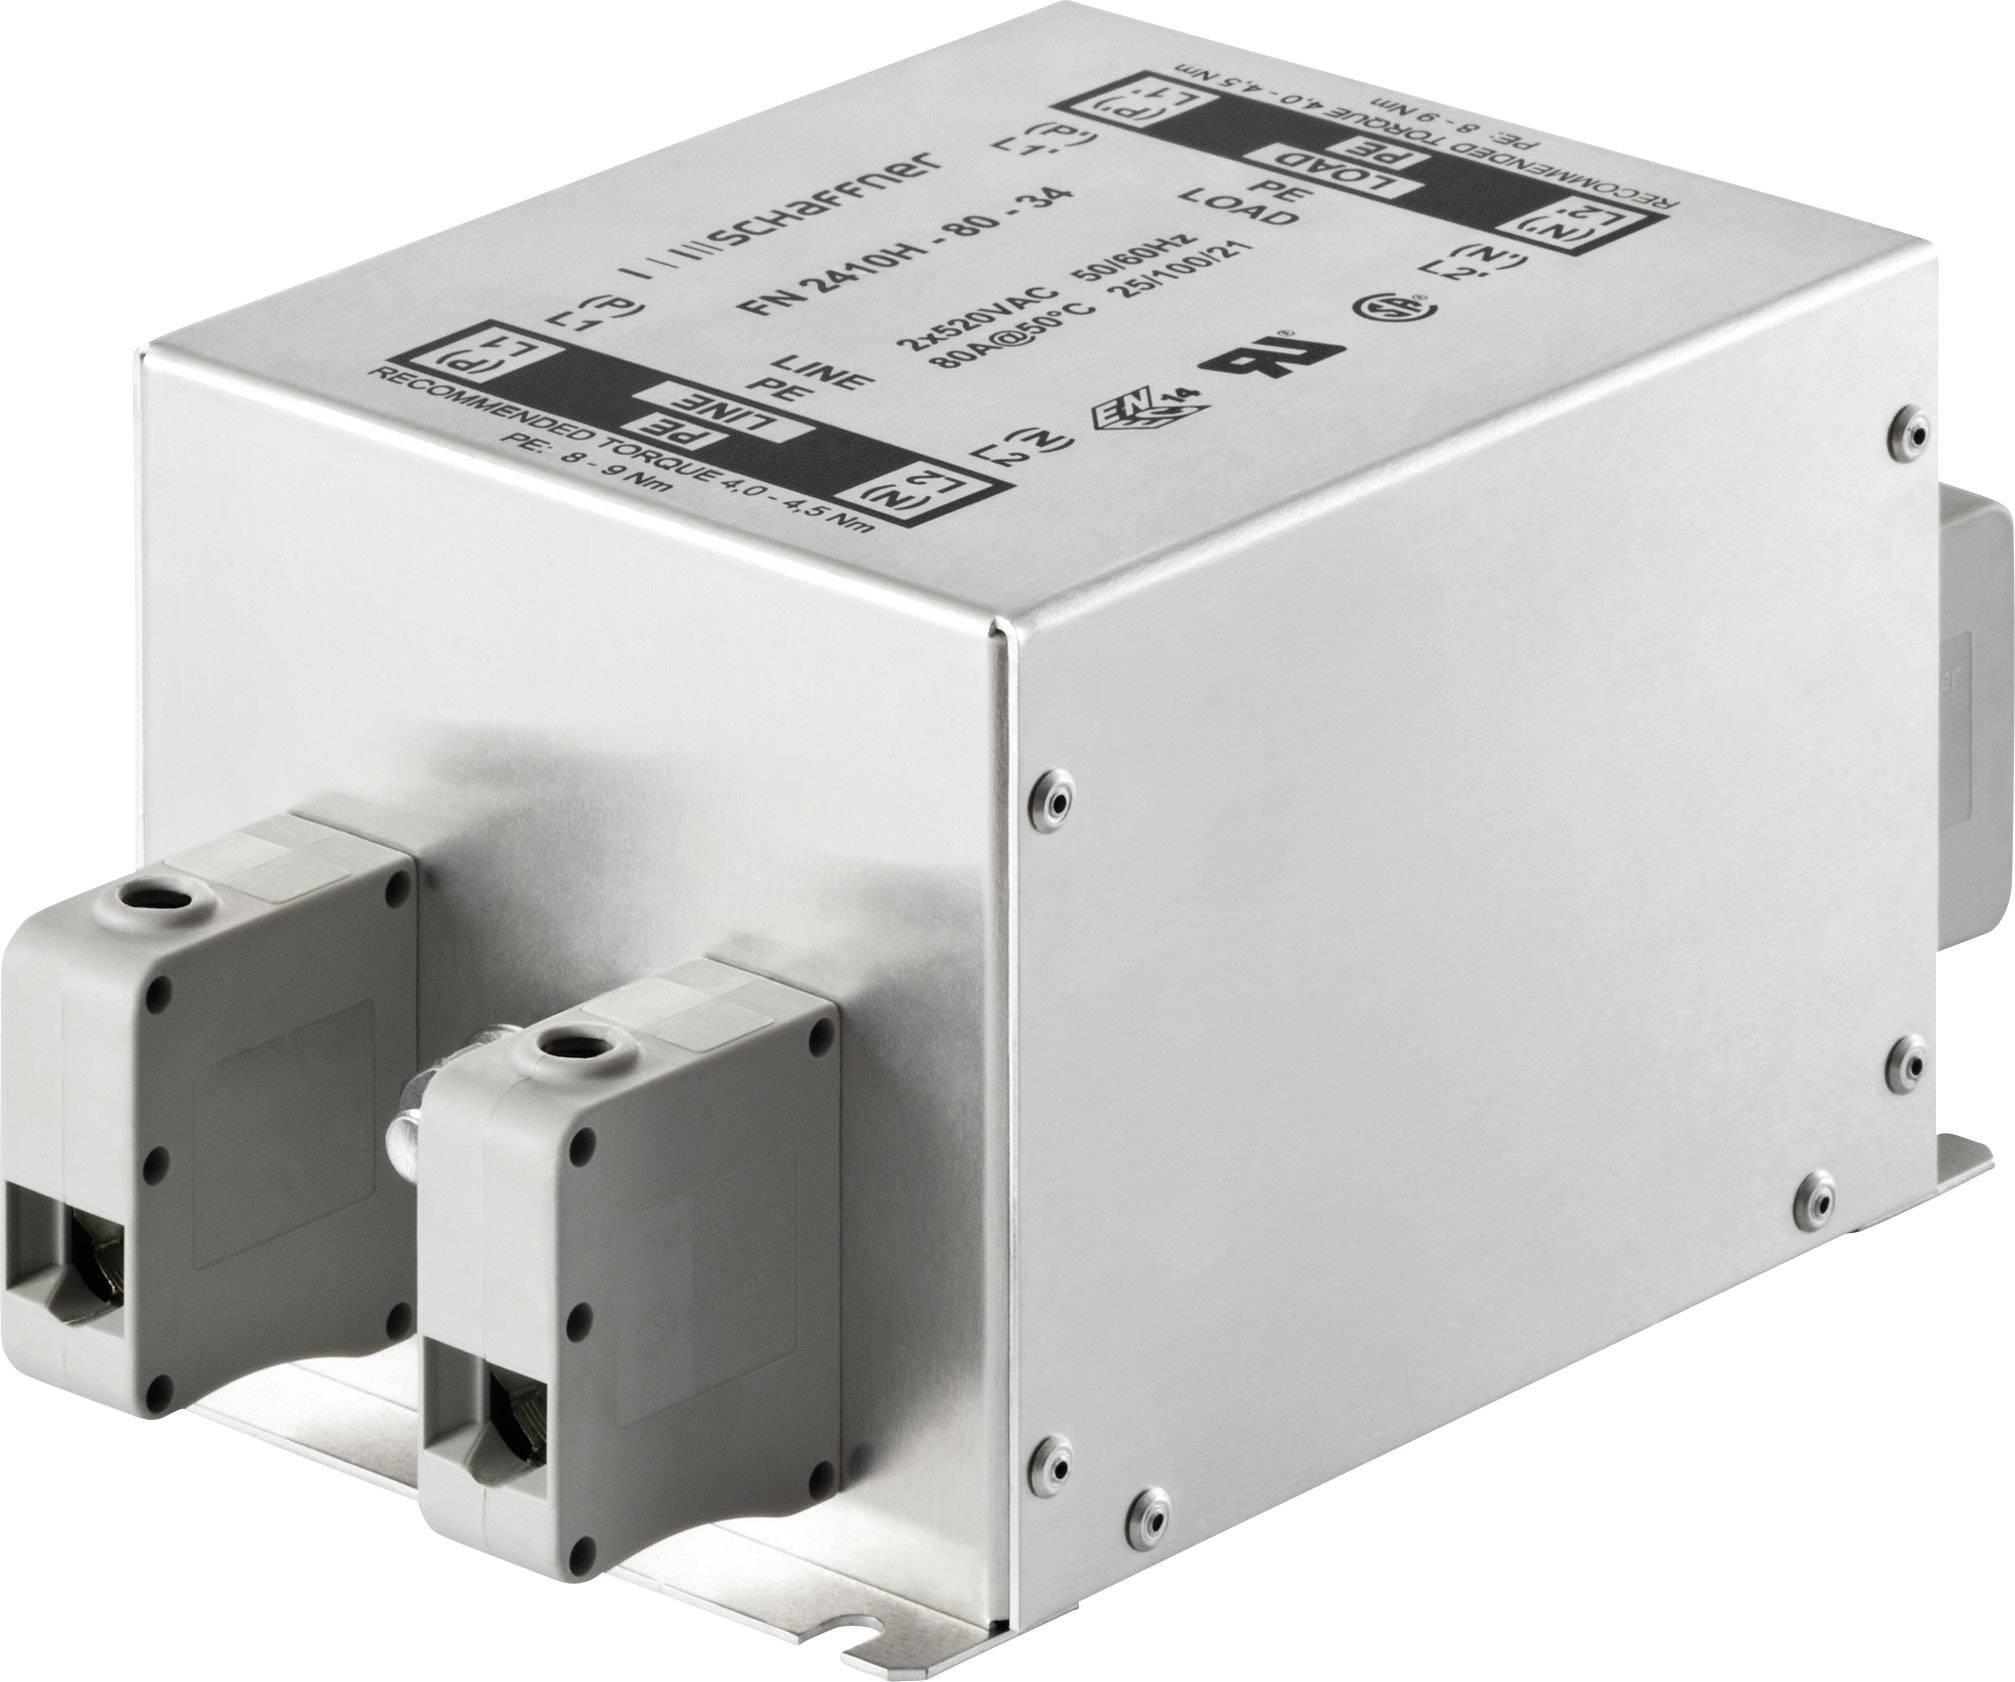 Odrušovací filter Schaffner FN2410-25-33 FN2410-25-33, 250 V/AC, 25 A, (d x š x v) 130 x 93 x 76 mm, 1 ks